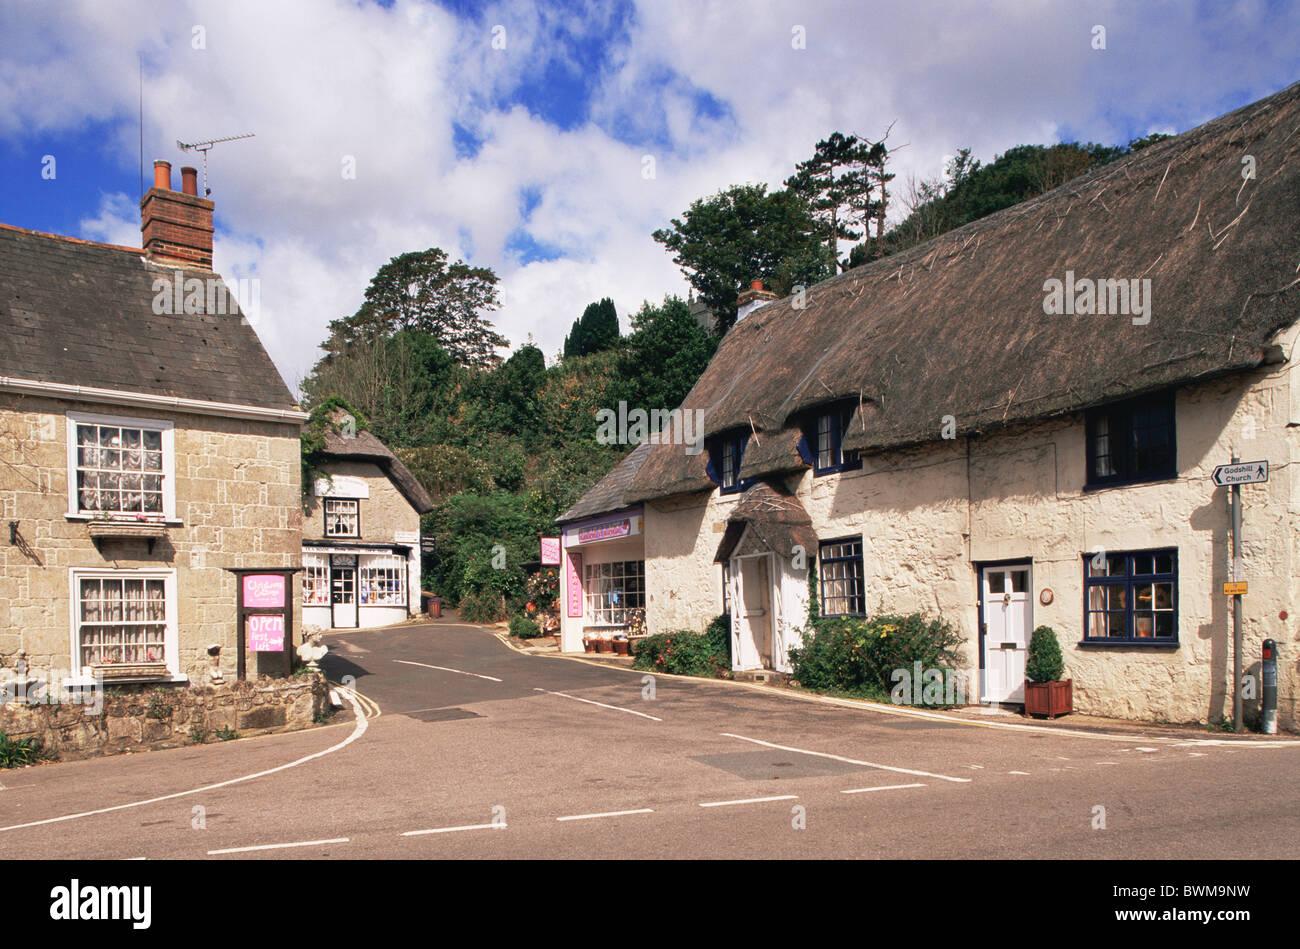 UK England Europe Hampshire Isle of Wight Godshill Village Godshill Village Thatched Cottage Thatched Cottage - Stock Image